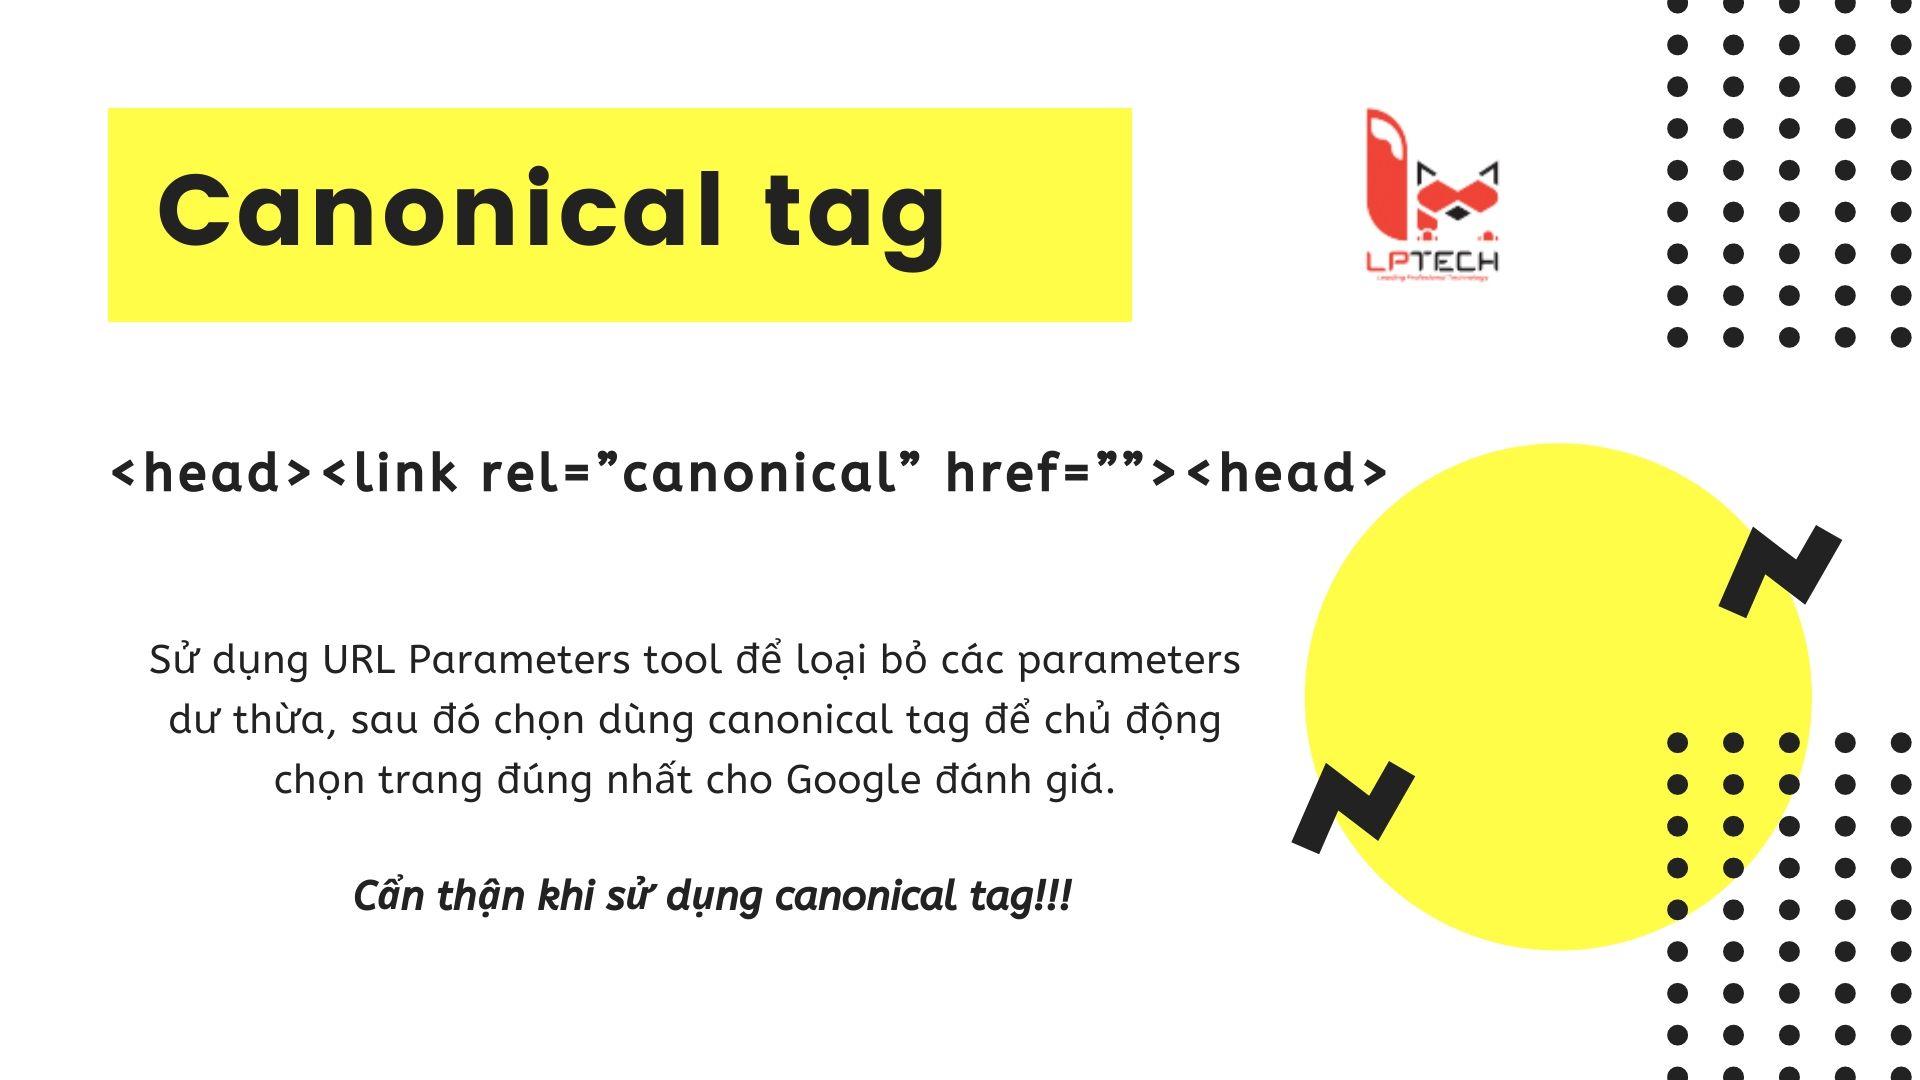 Cách sử dụng canonical tag